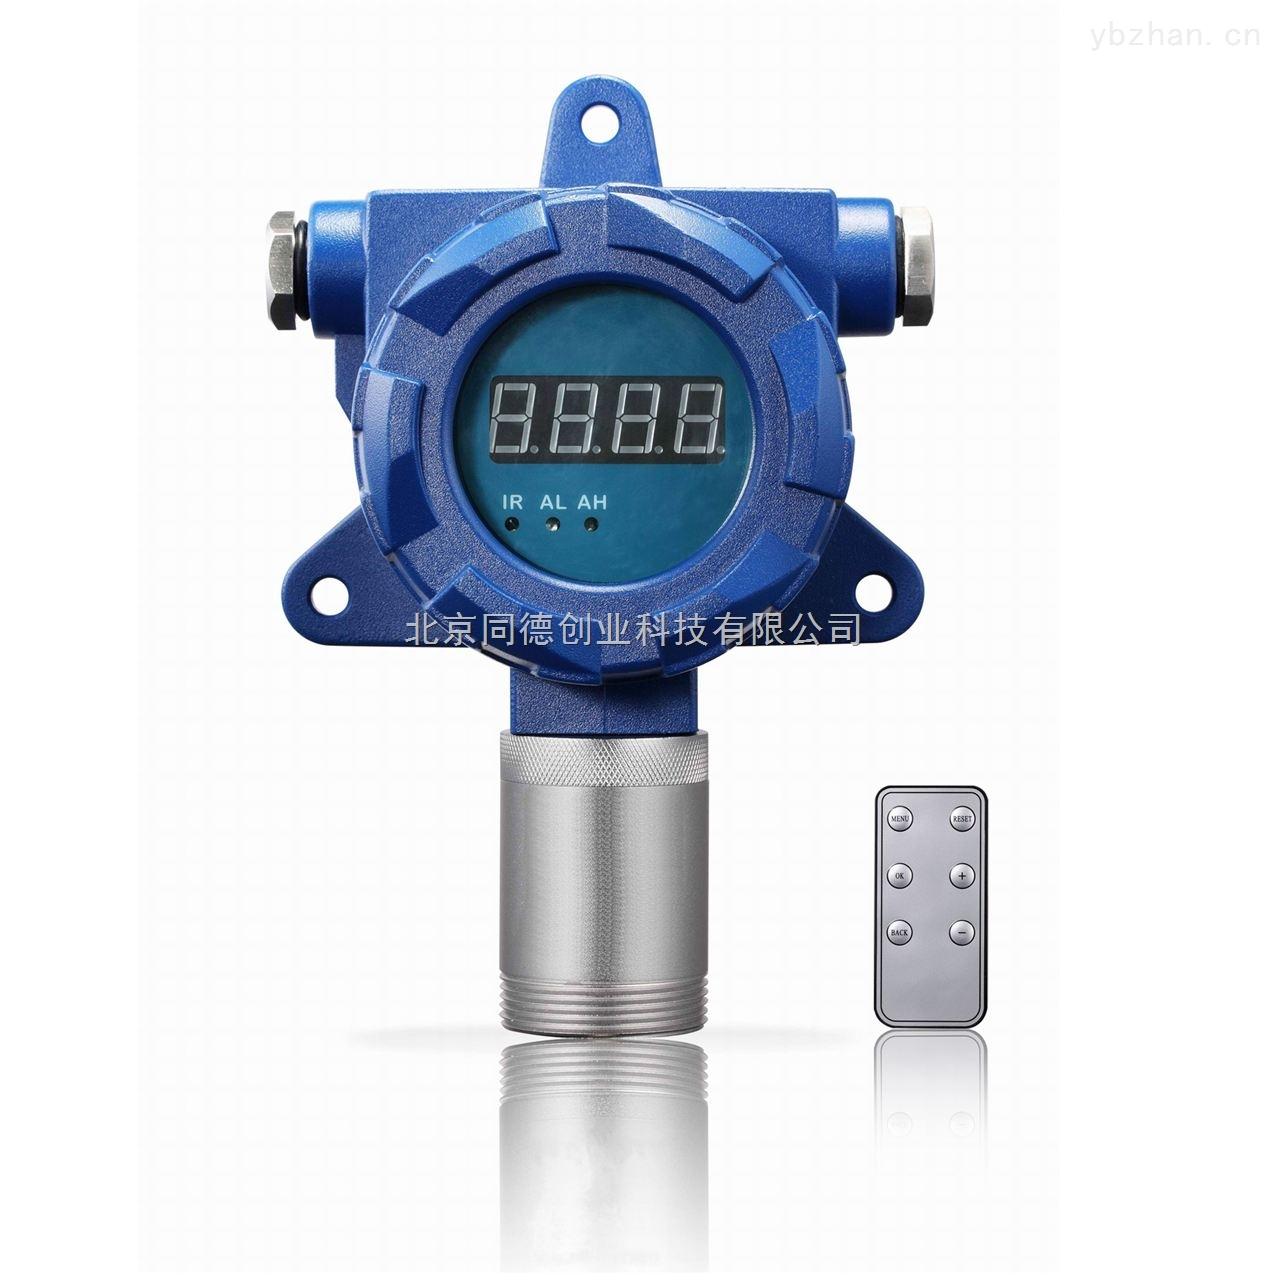 固定式二氧化氮检测仪QT95H-NO2/在线式二氧化氮气体检测仪